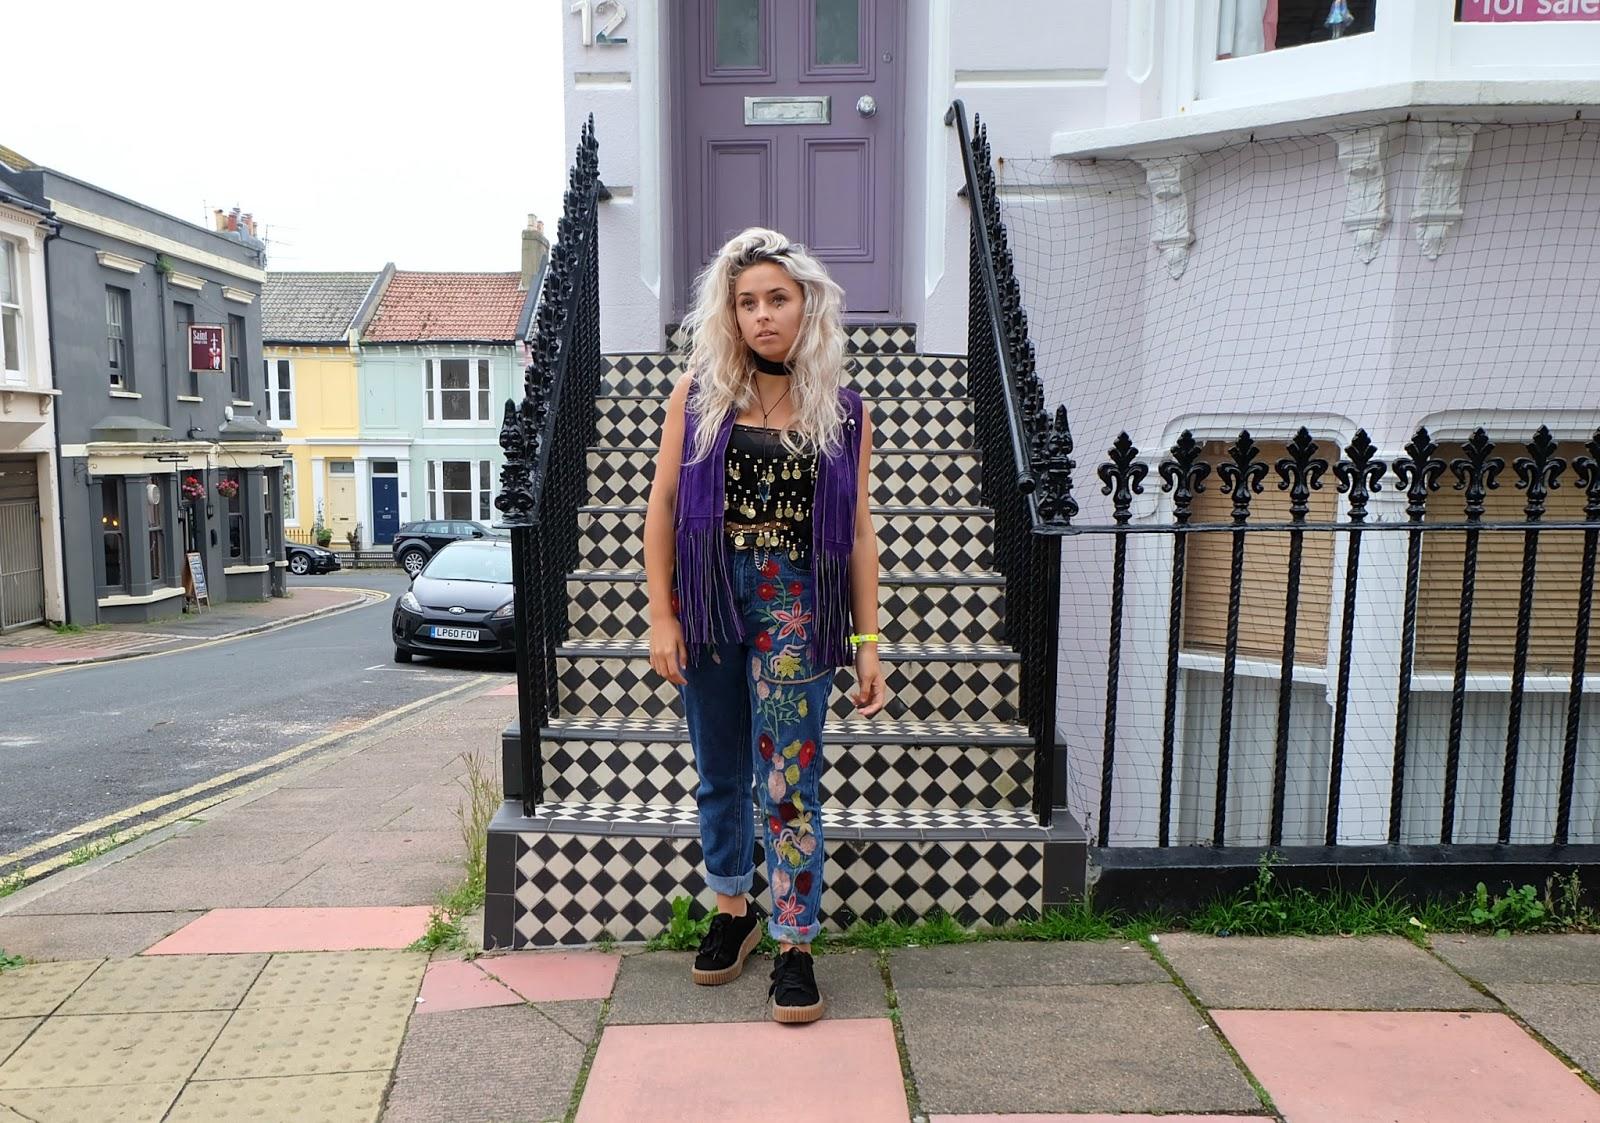 UK Fashion Blogger wearing Rokit.co.uk